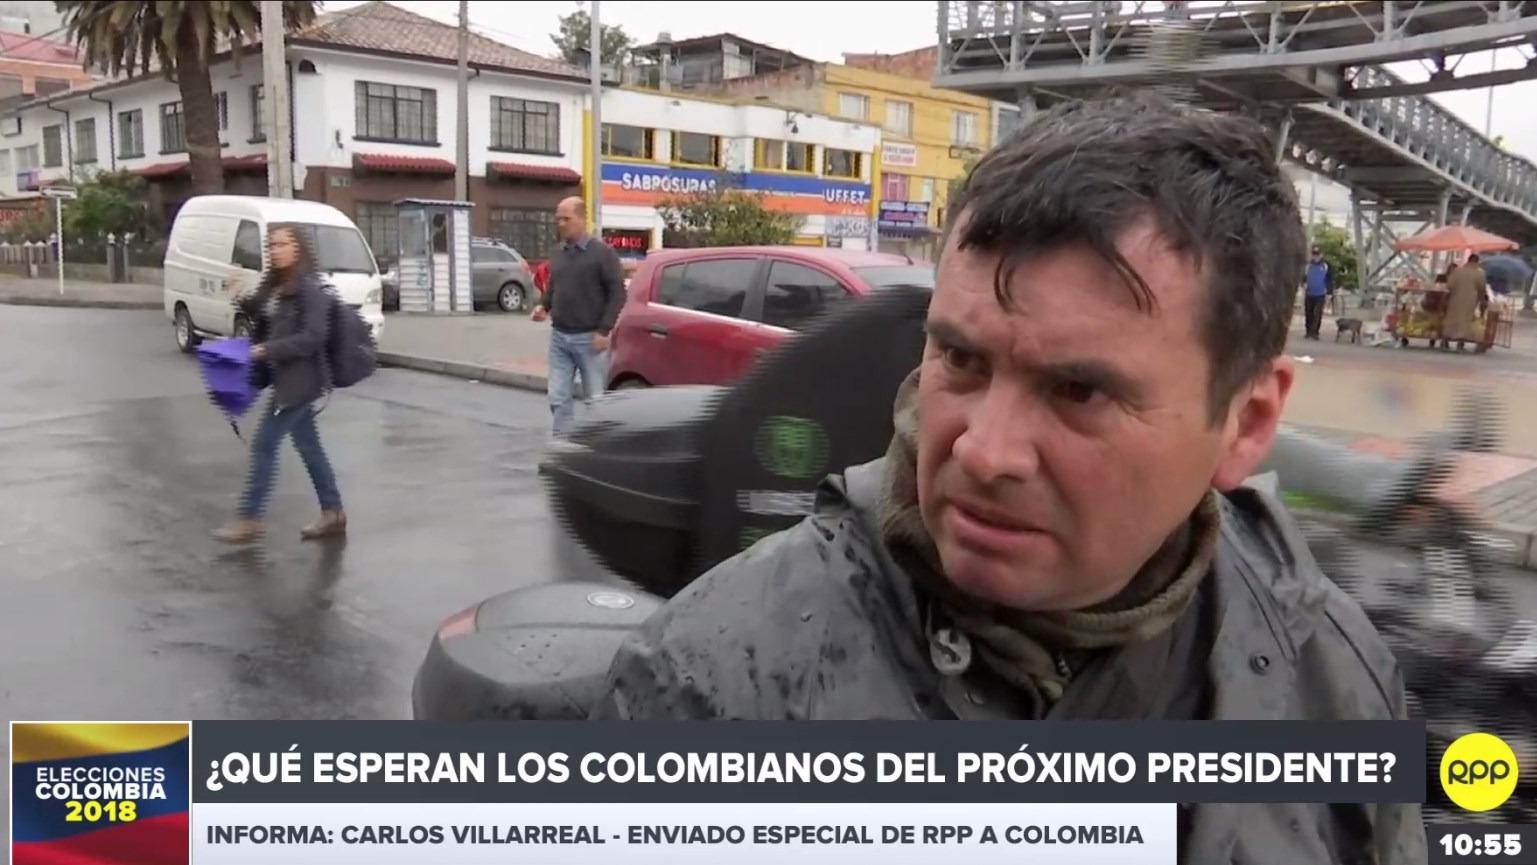 Los colombianos esperan que prime el debate y la confrontación de ideas con miras a la segunda vuelta, según el sondeo de RPP.